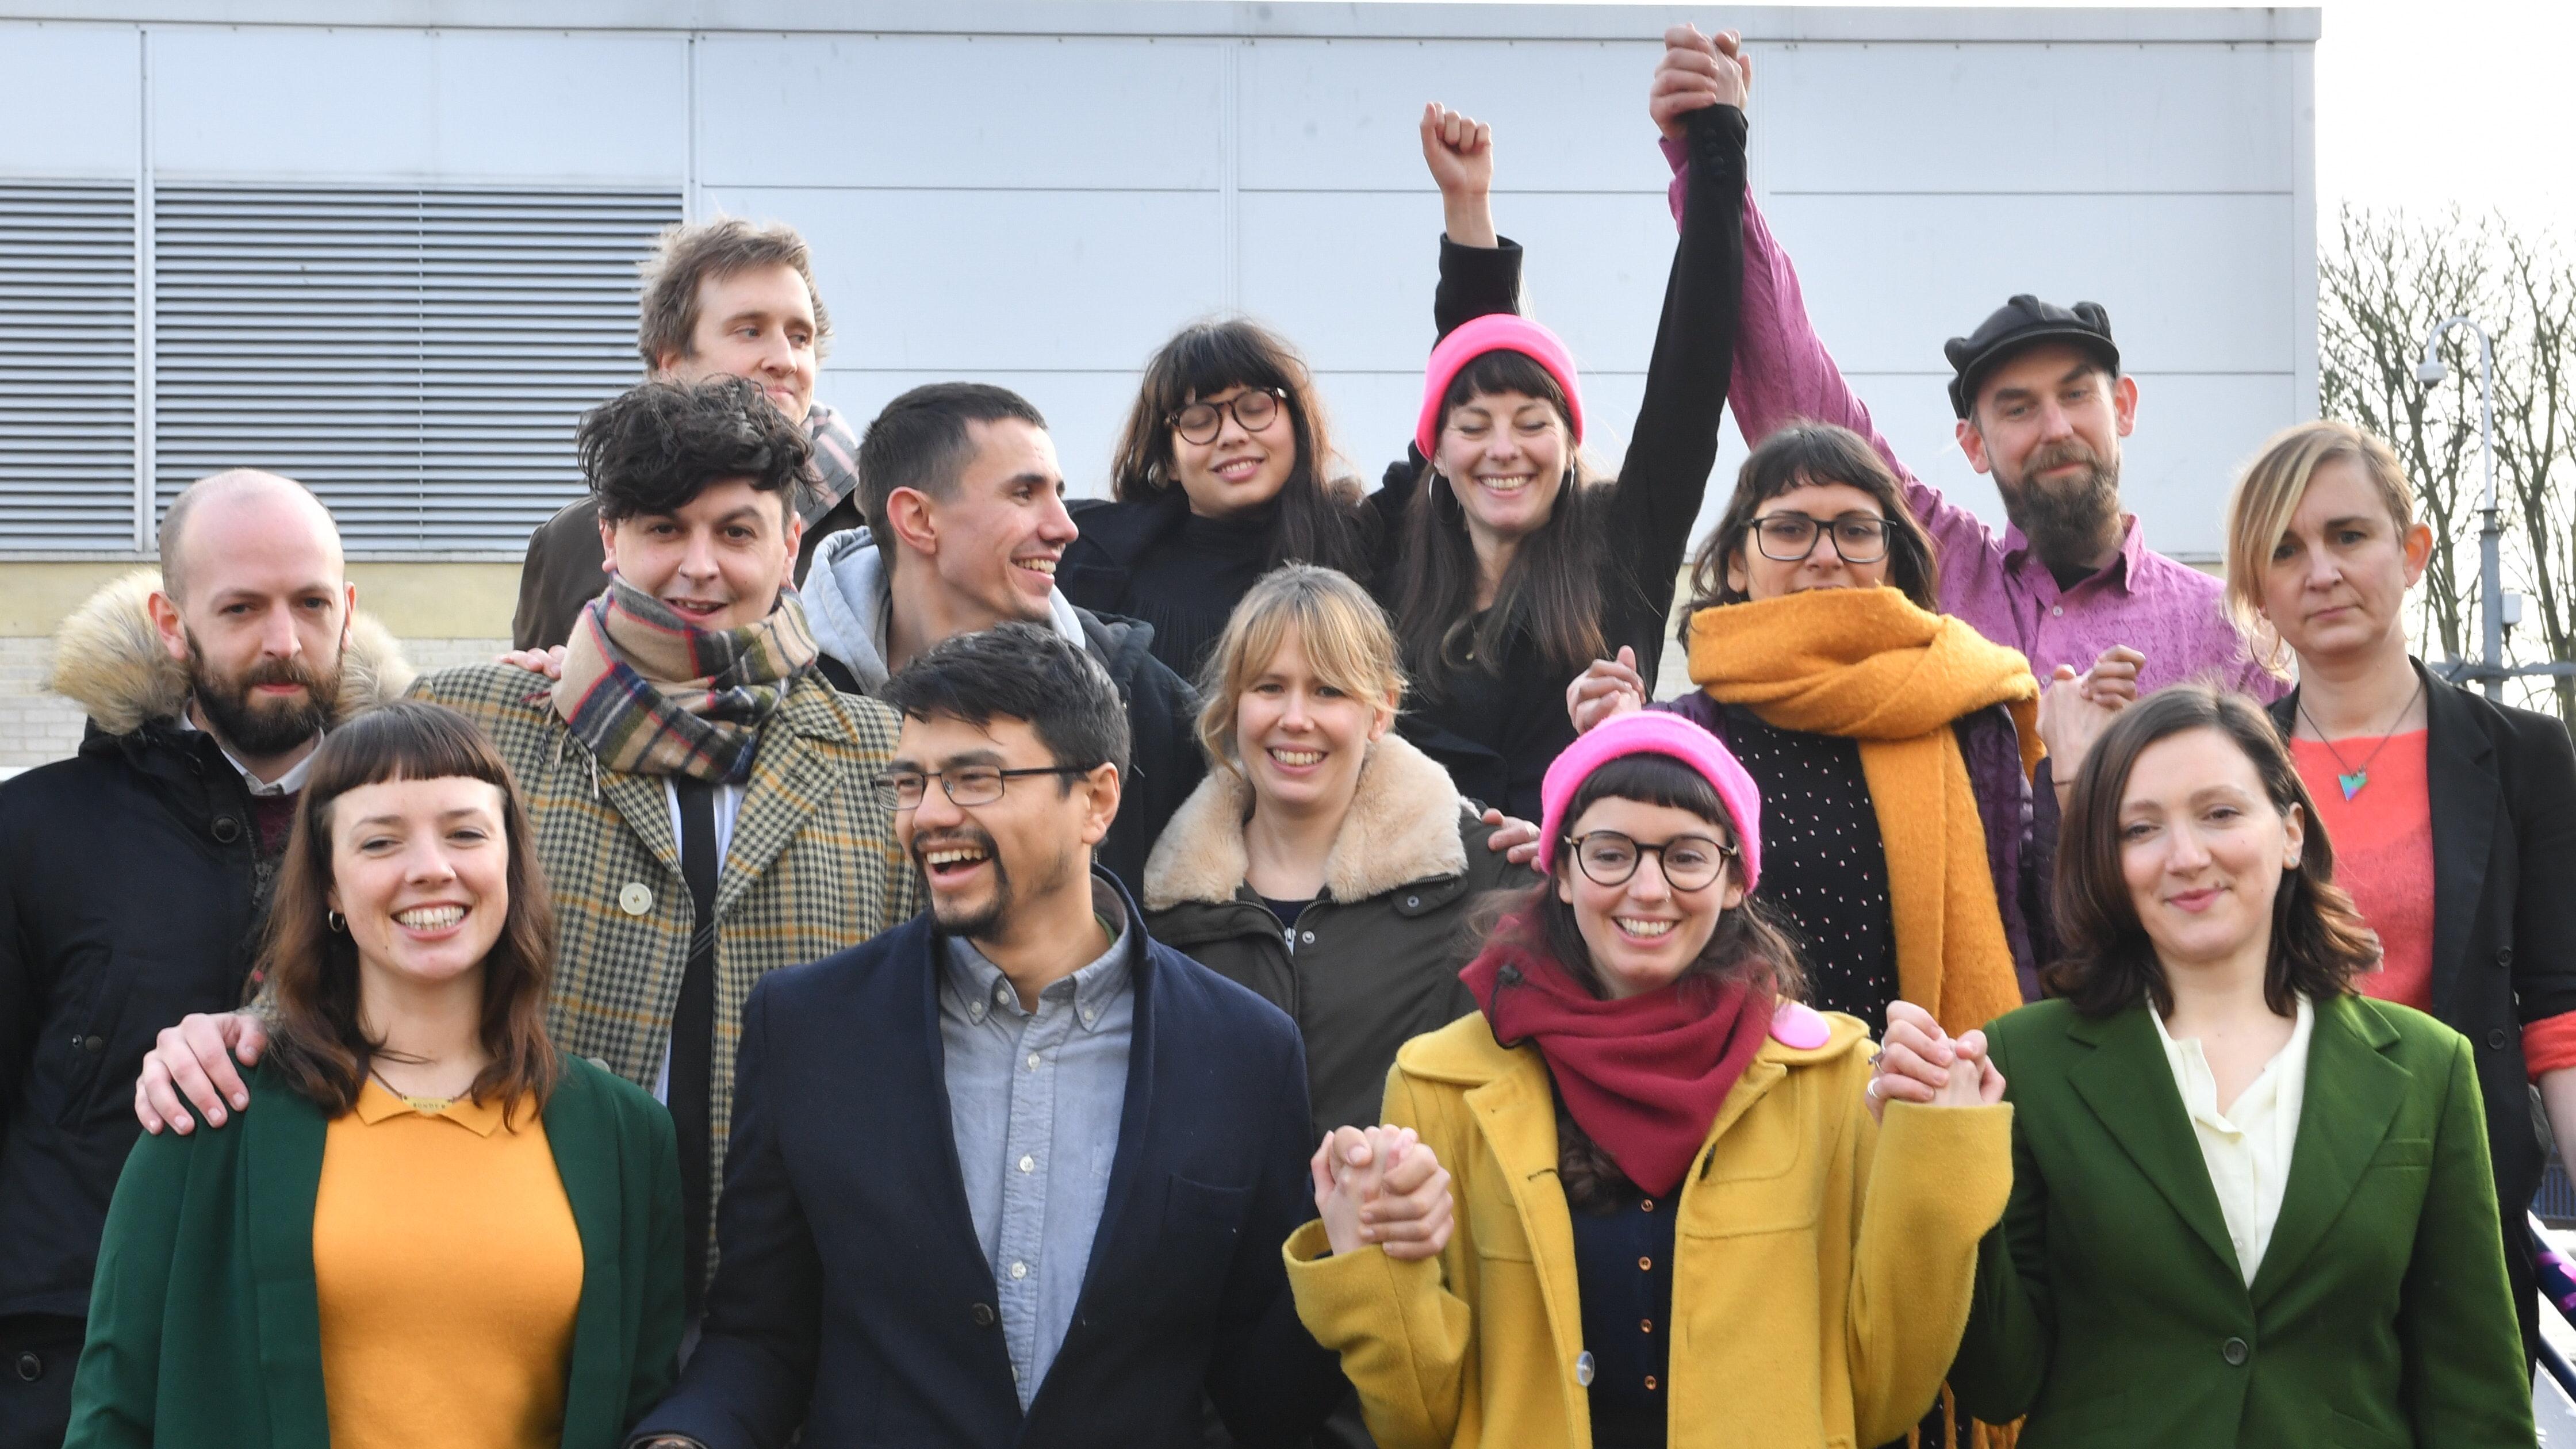 Judge sentences deportation flight protester from Brighton